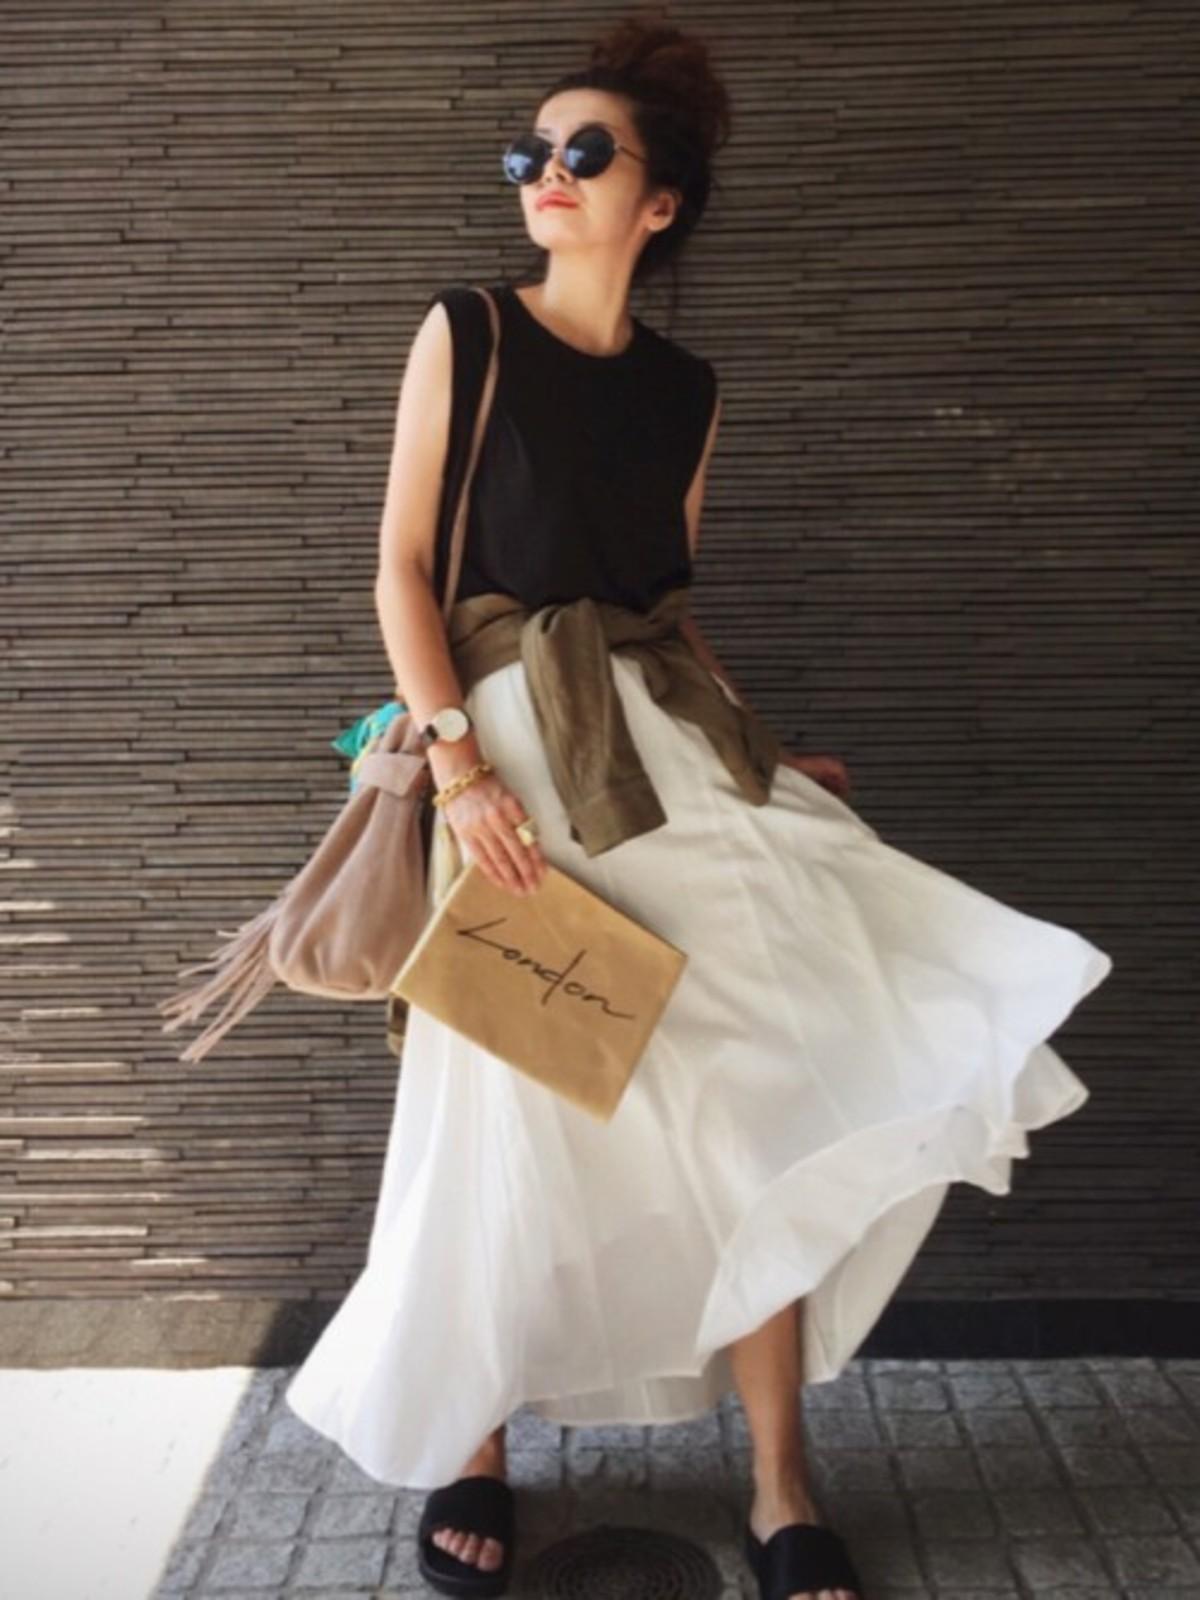 バーベキューや海にも着ていけるママファッション(スカート編)!動きやすいおすすめの夏のママコーデ7選 [ママリ]